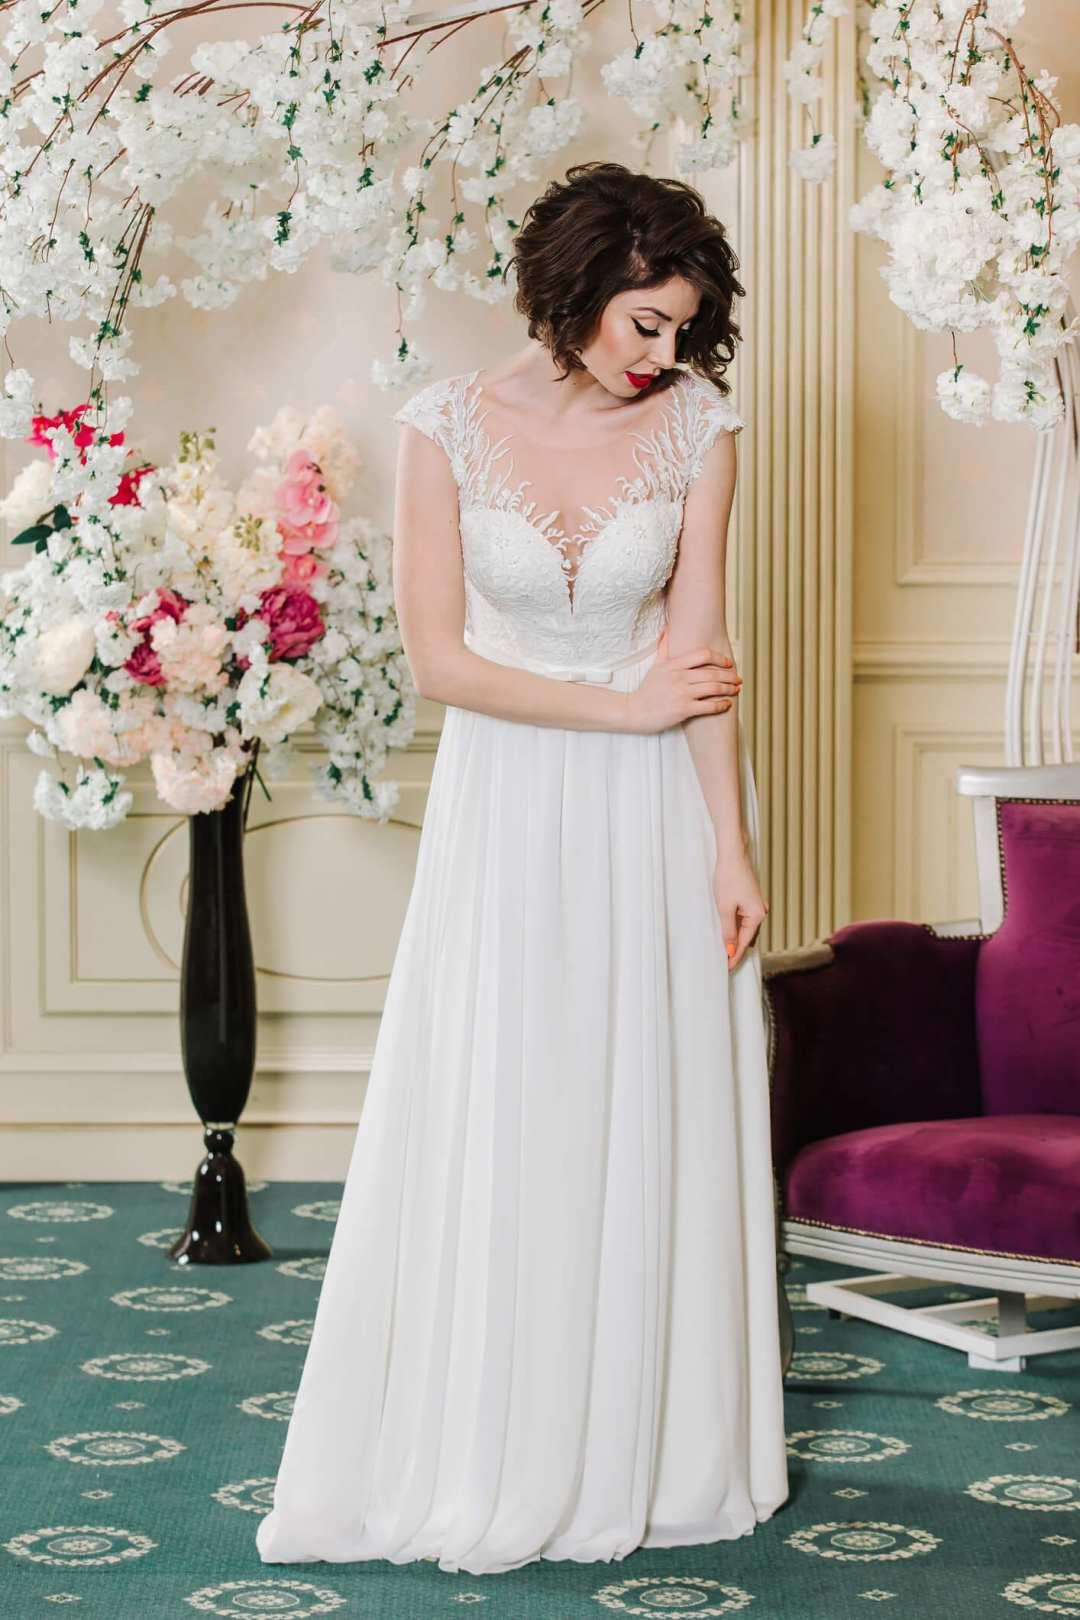 Allegria - Bridal Couture 2019